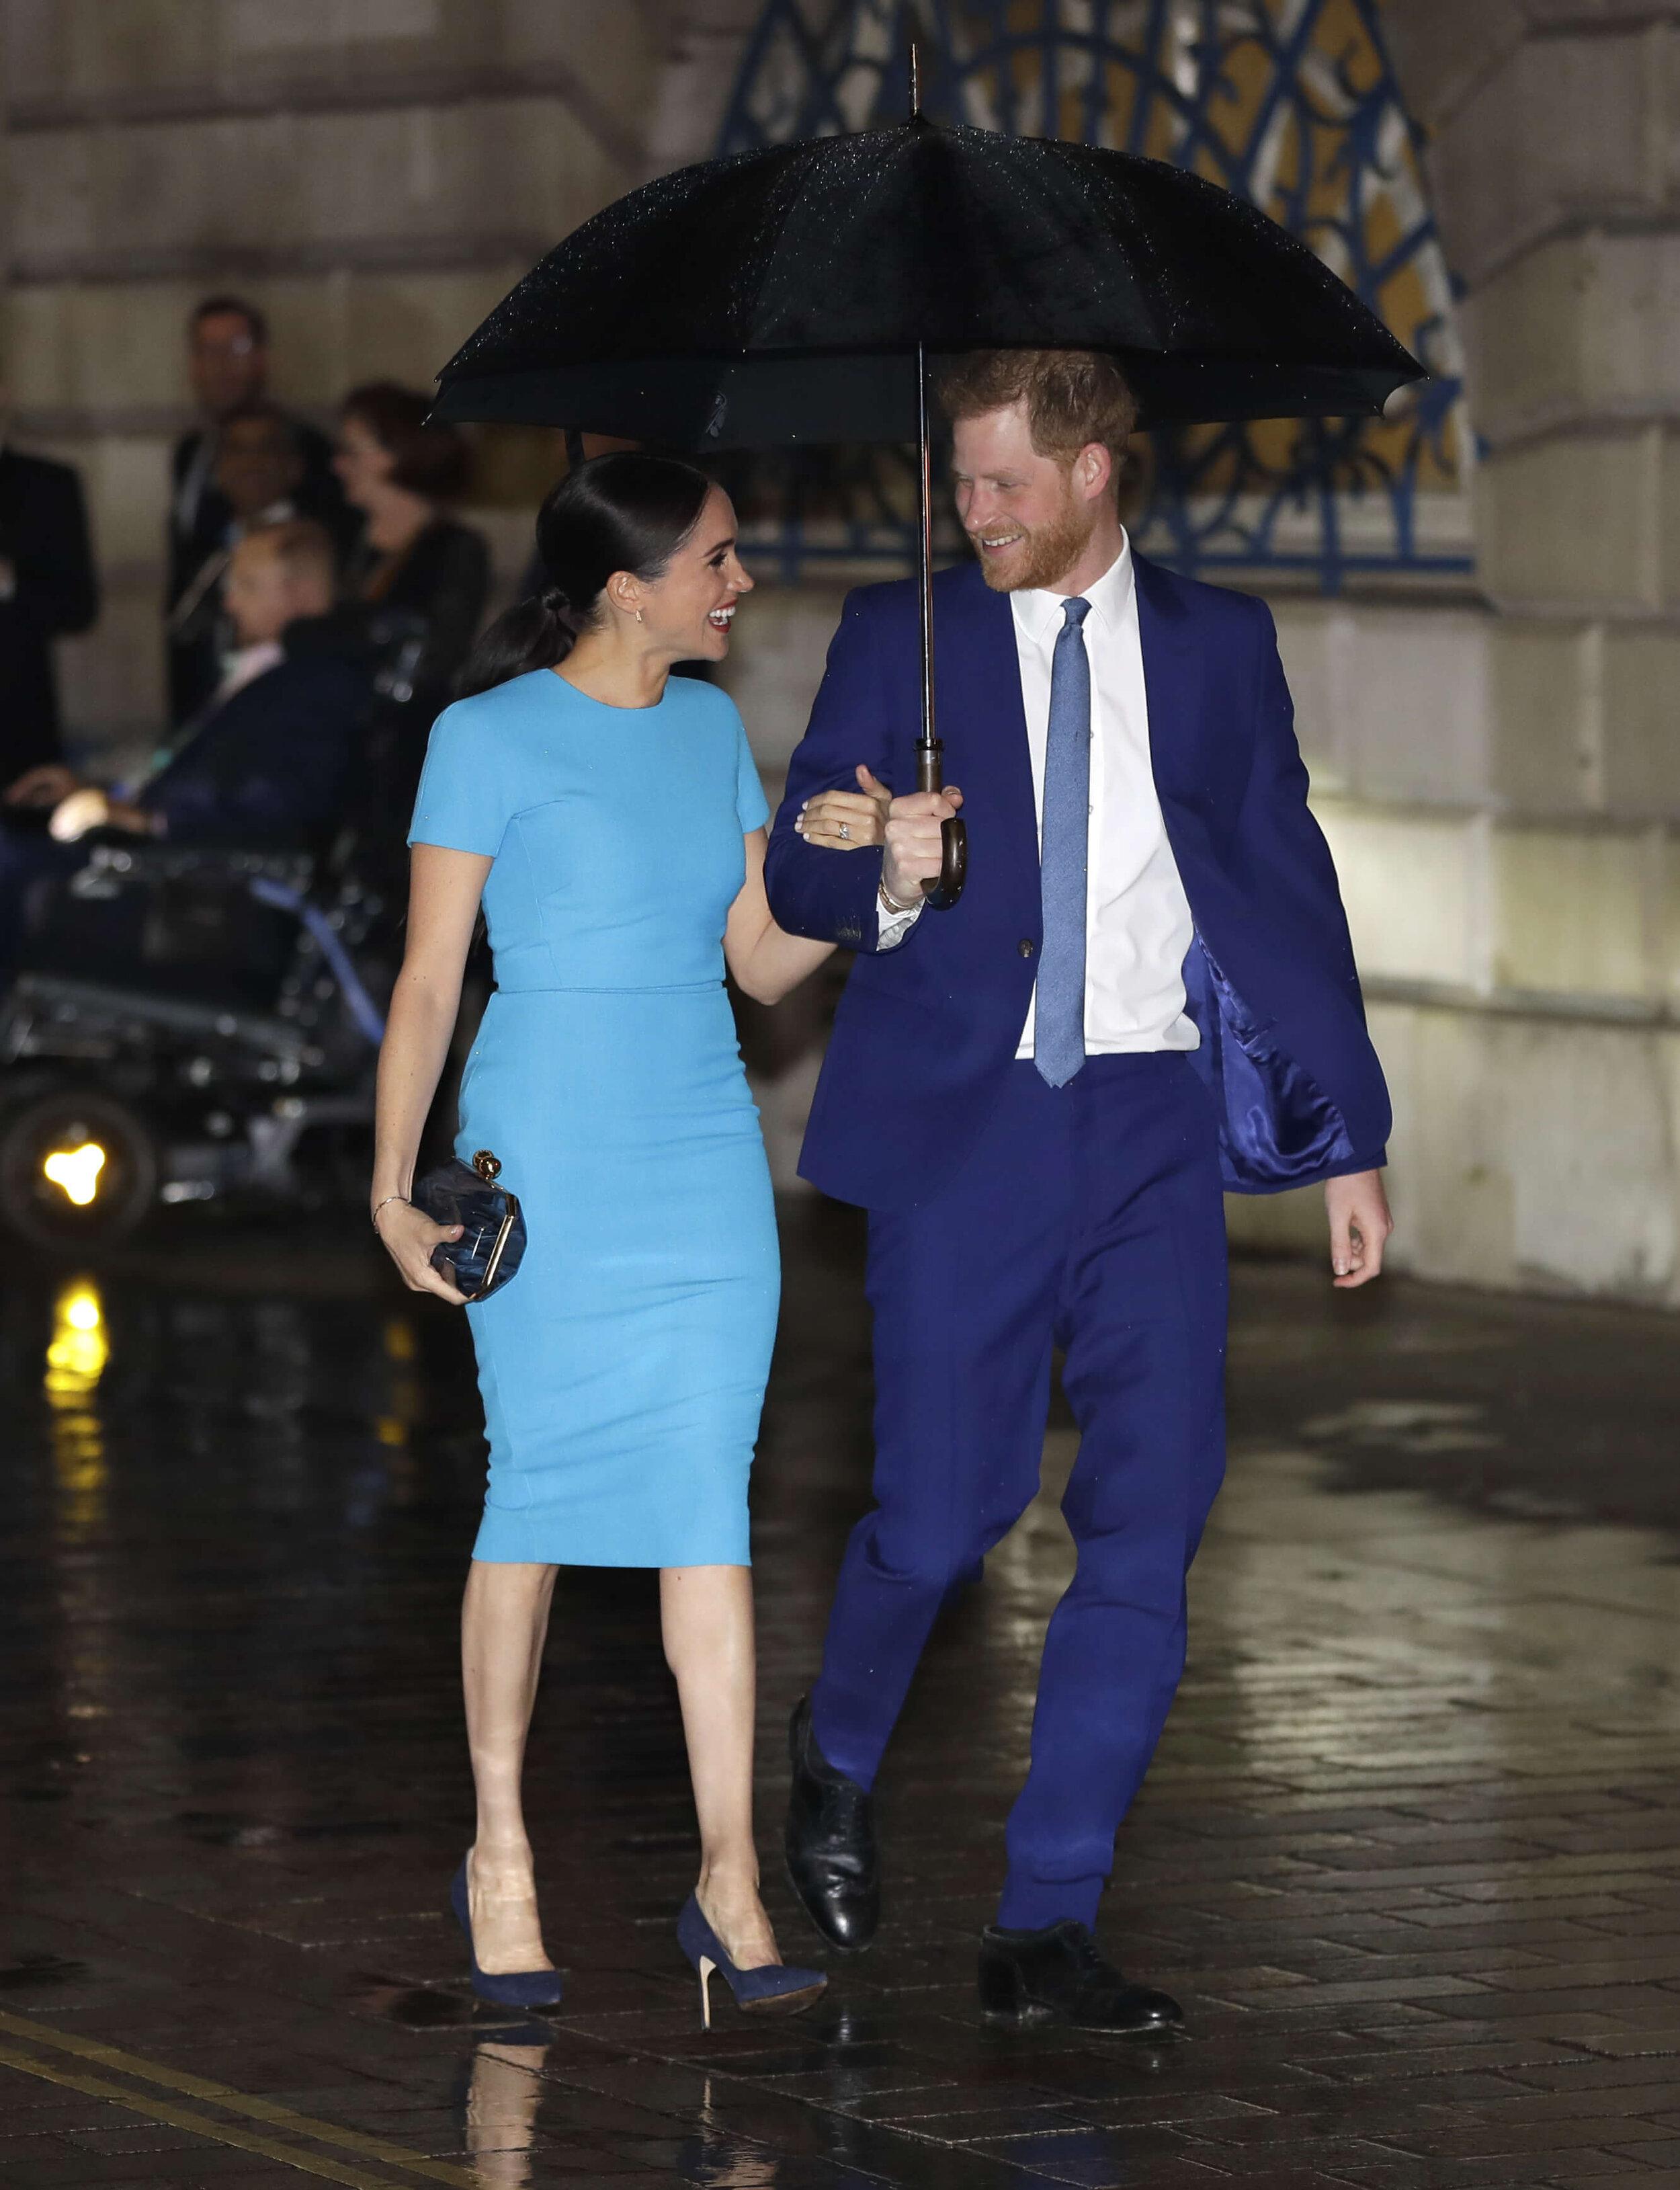 Herzogin Meghan trug ein hellblaues Kleid von Designerin Victoria Beckham, eine Clutch von Stella McCartney und Pumps von Manolo Blahnik.  © picture alliance / AP Photo